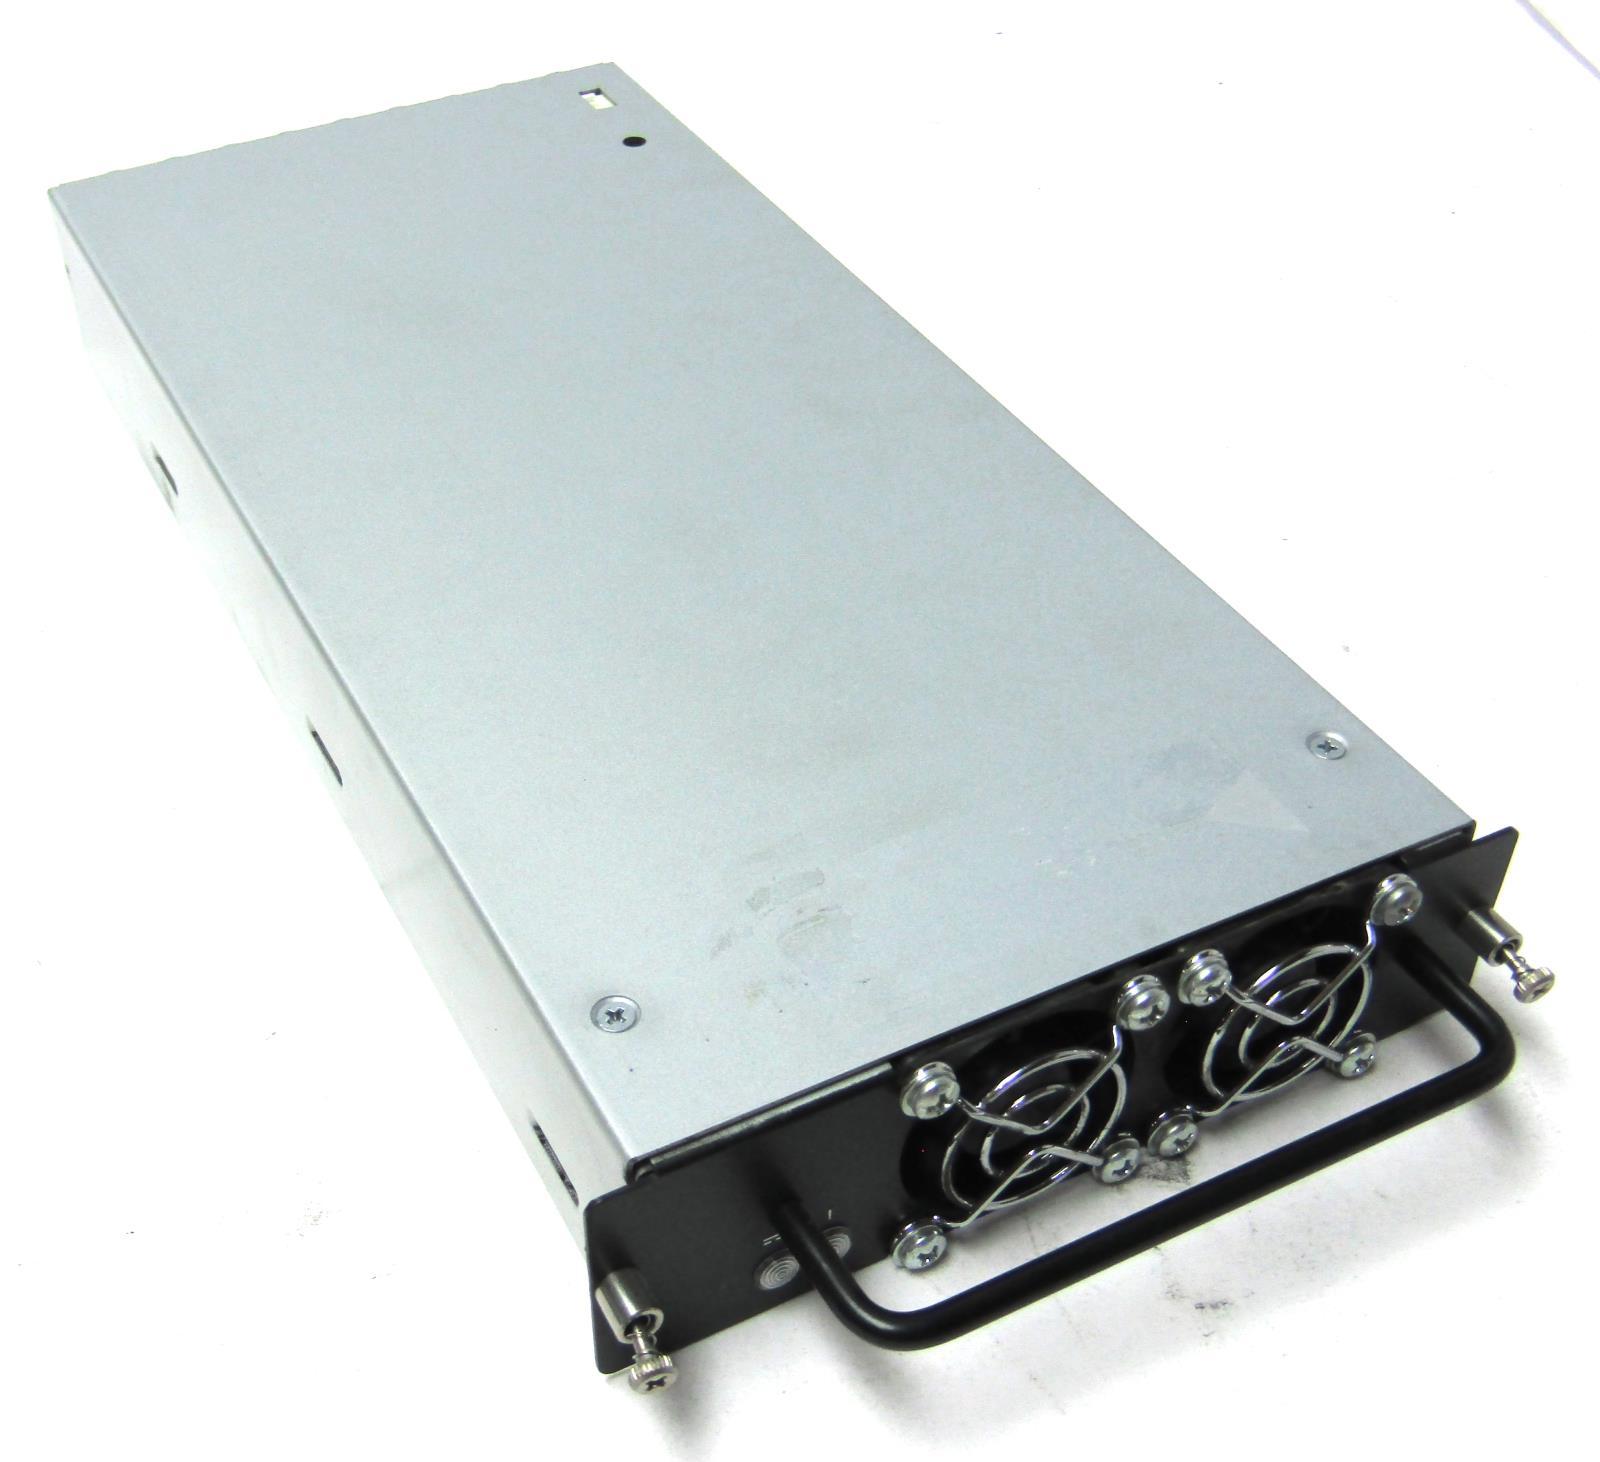 POWER SUPPLY TCP1U-1200-48-1443 TECTROL 1500W AC200-240V AC100-240V 1200W